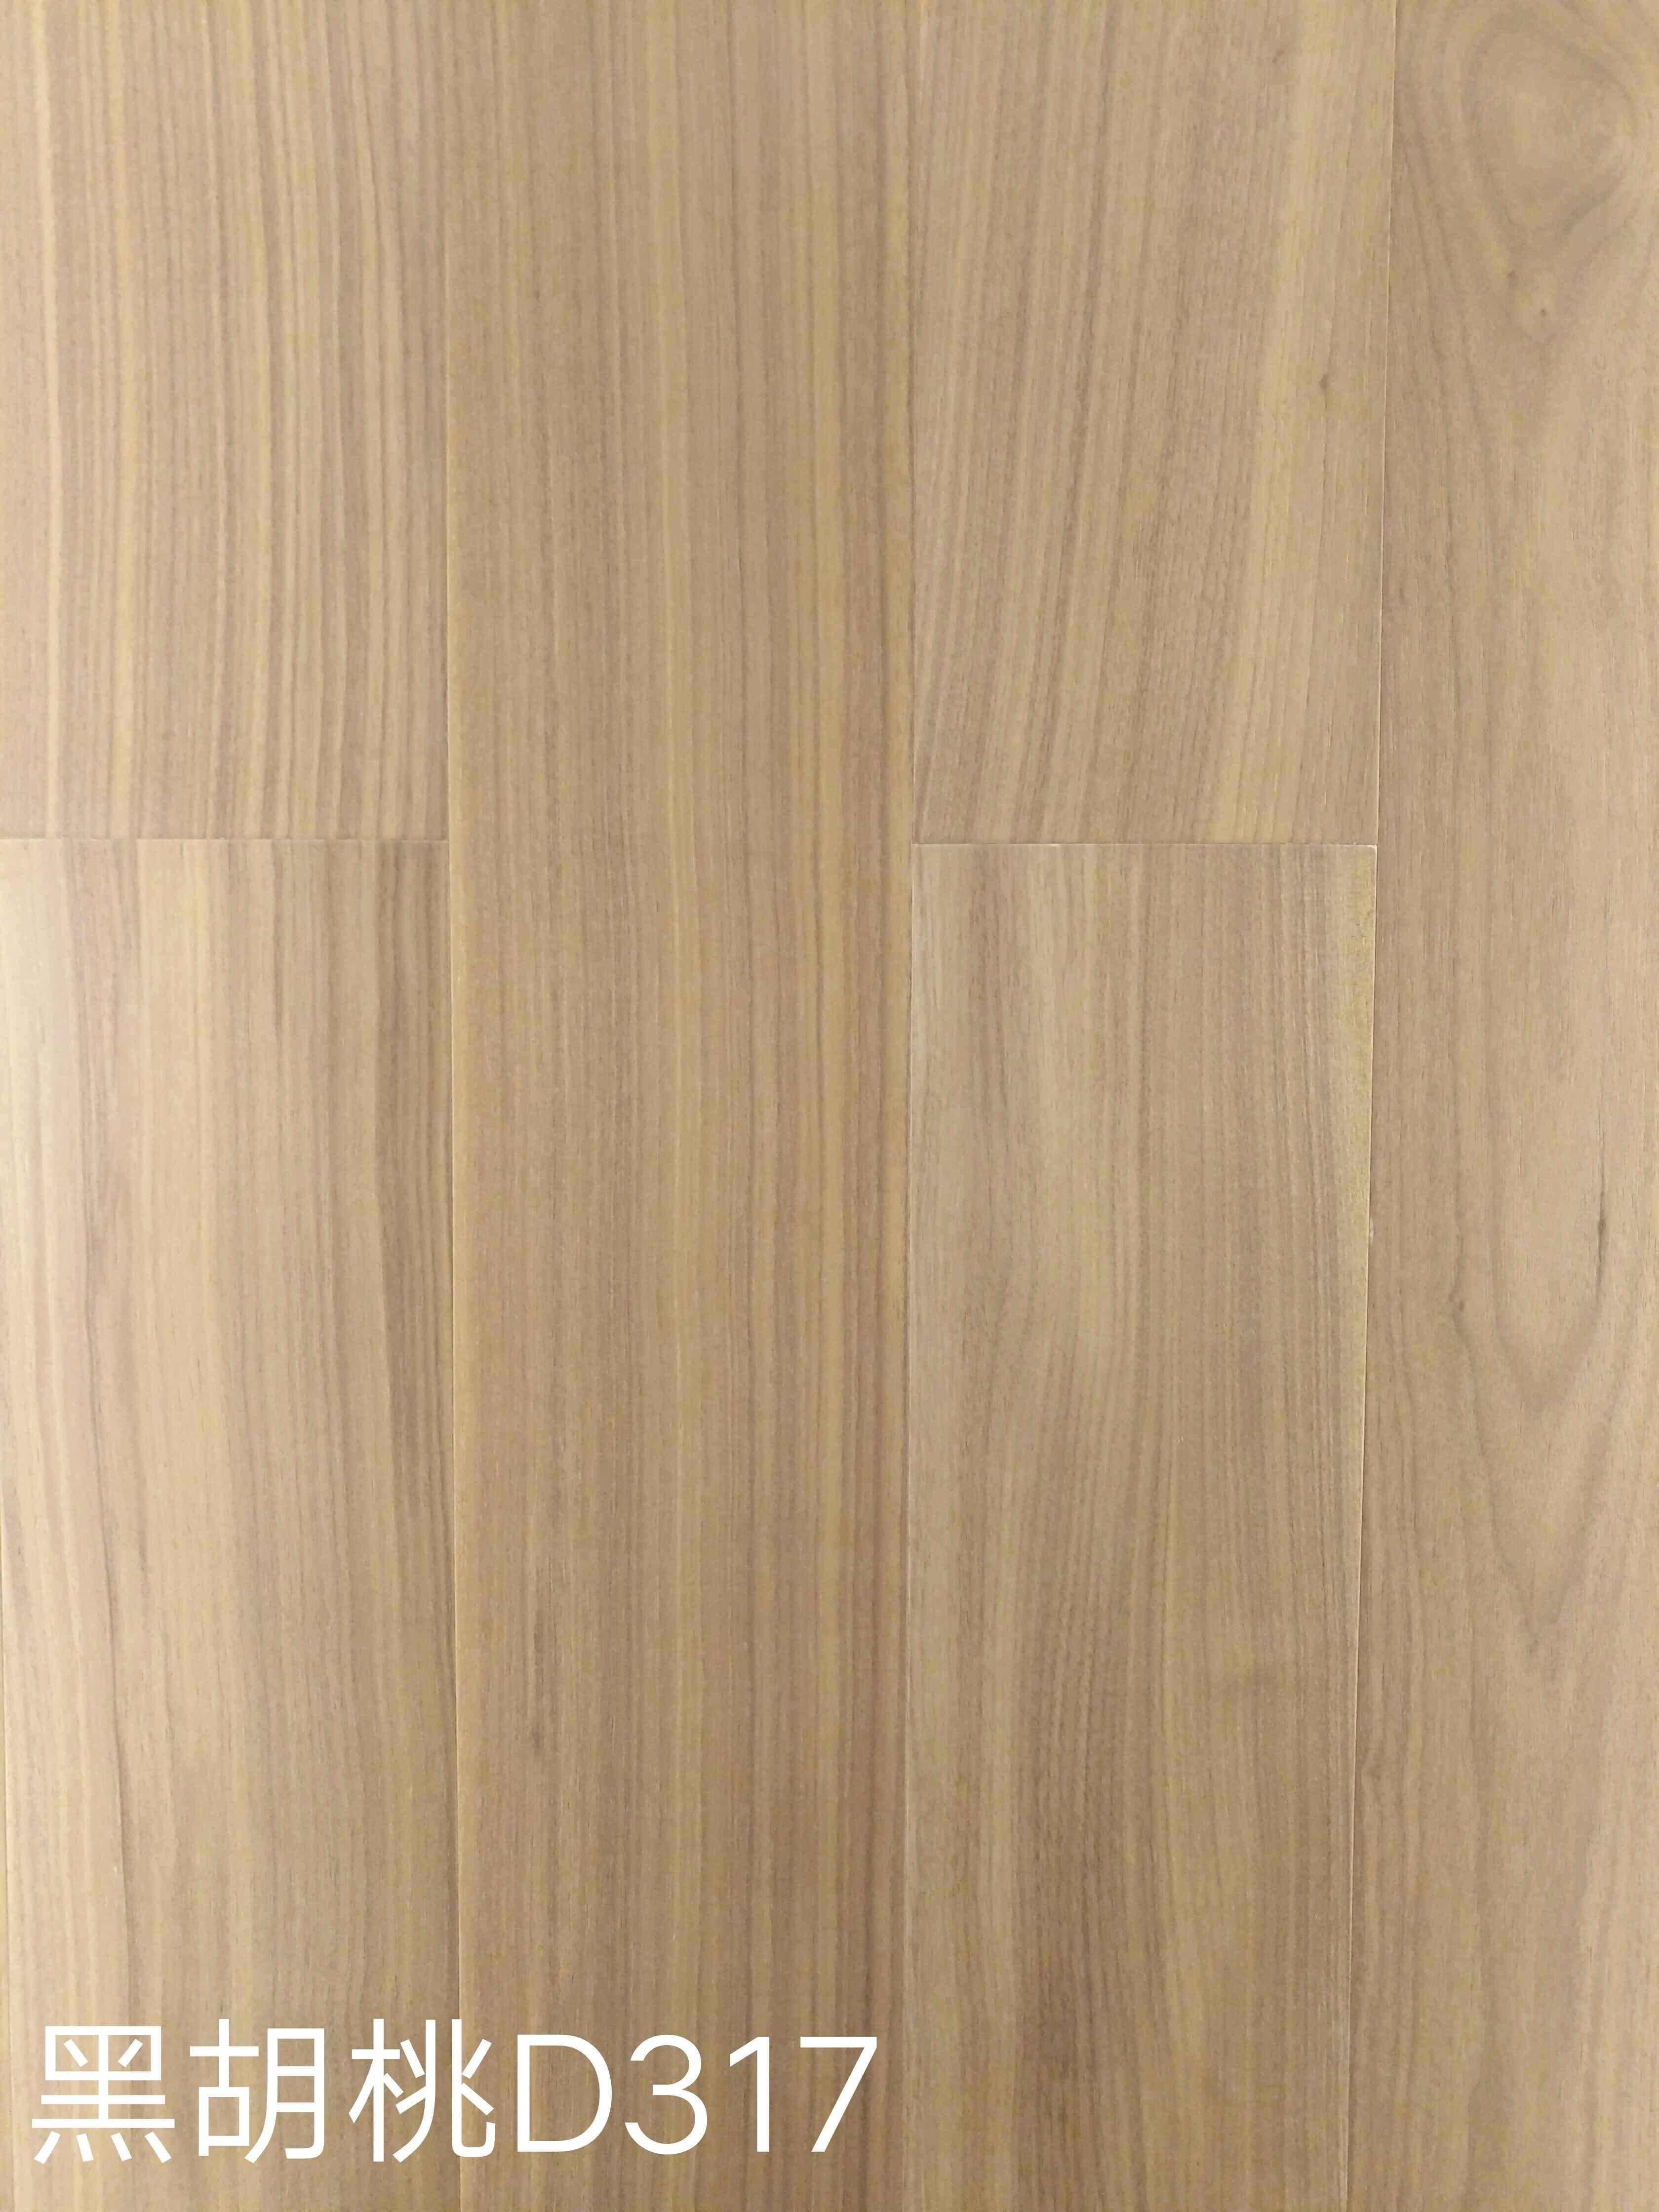 银燕三层实木地板